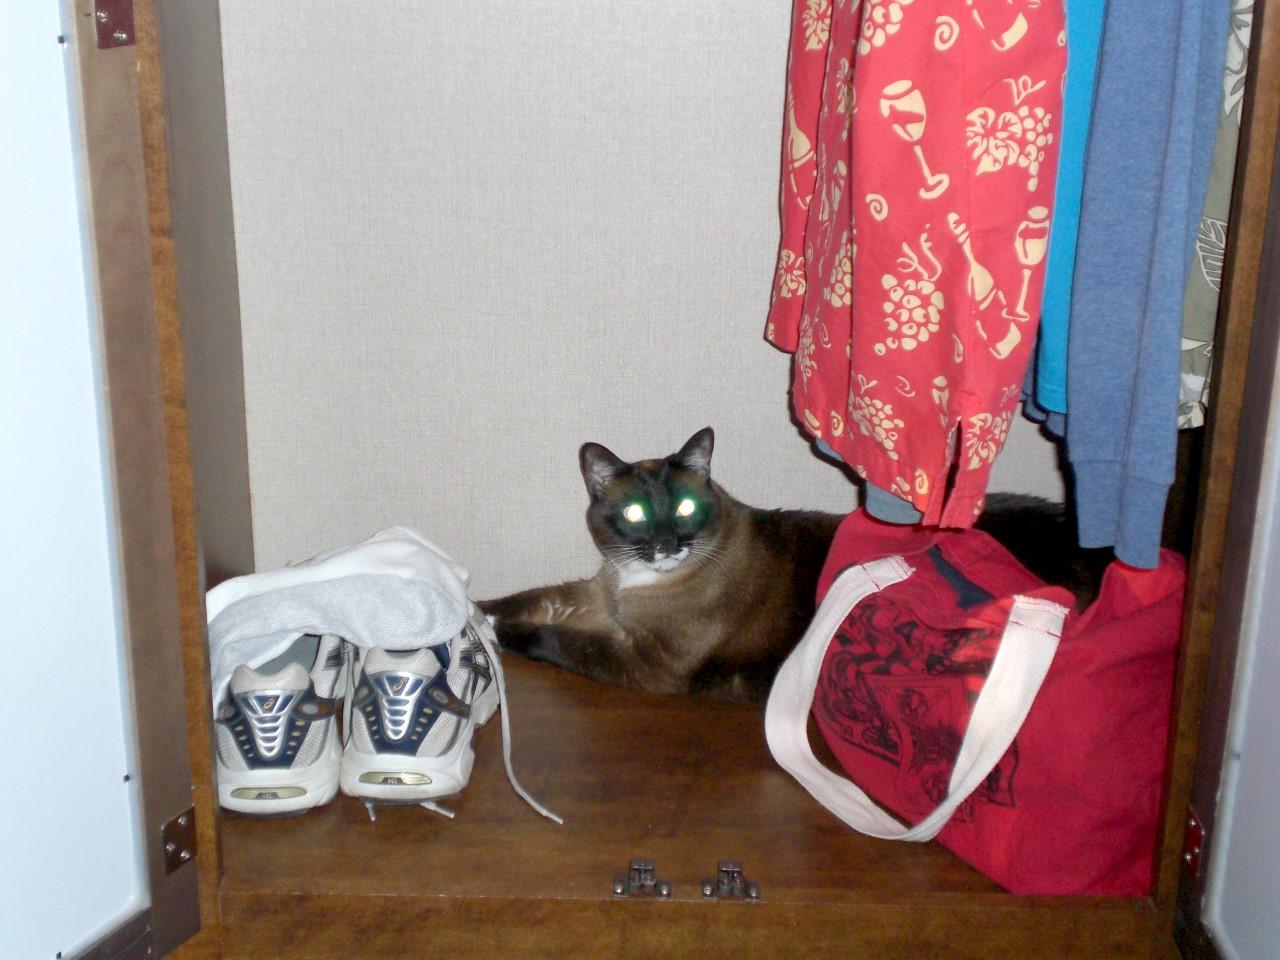 Barley cat in closet